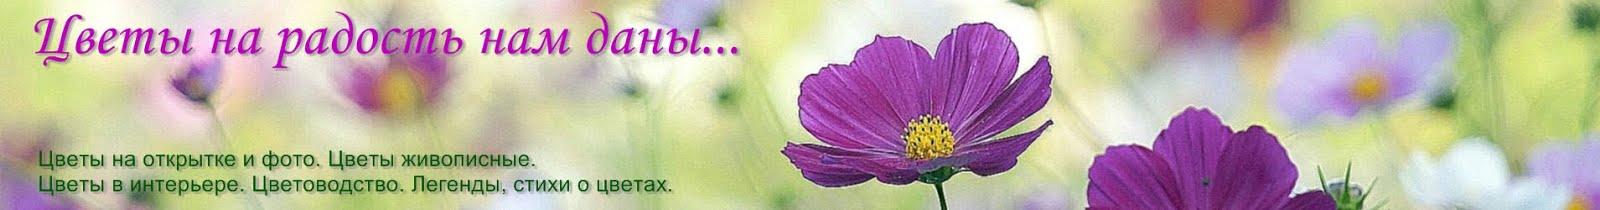 Цветы на радость нам даны...